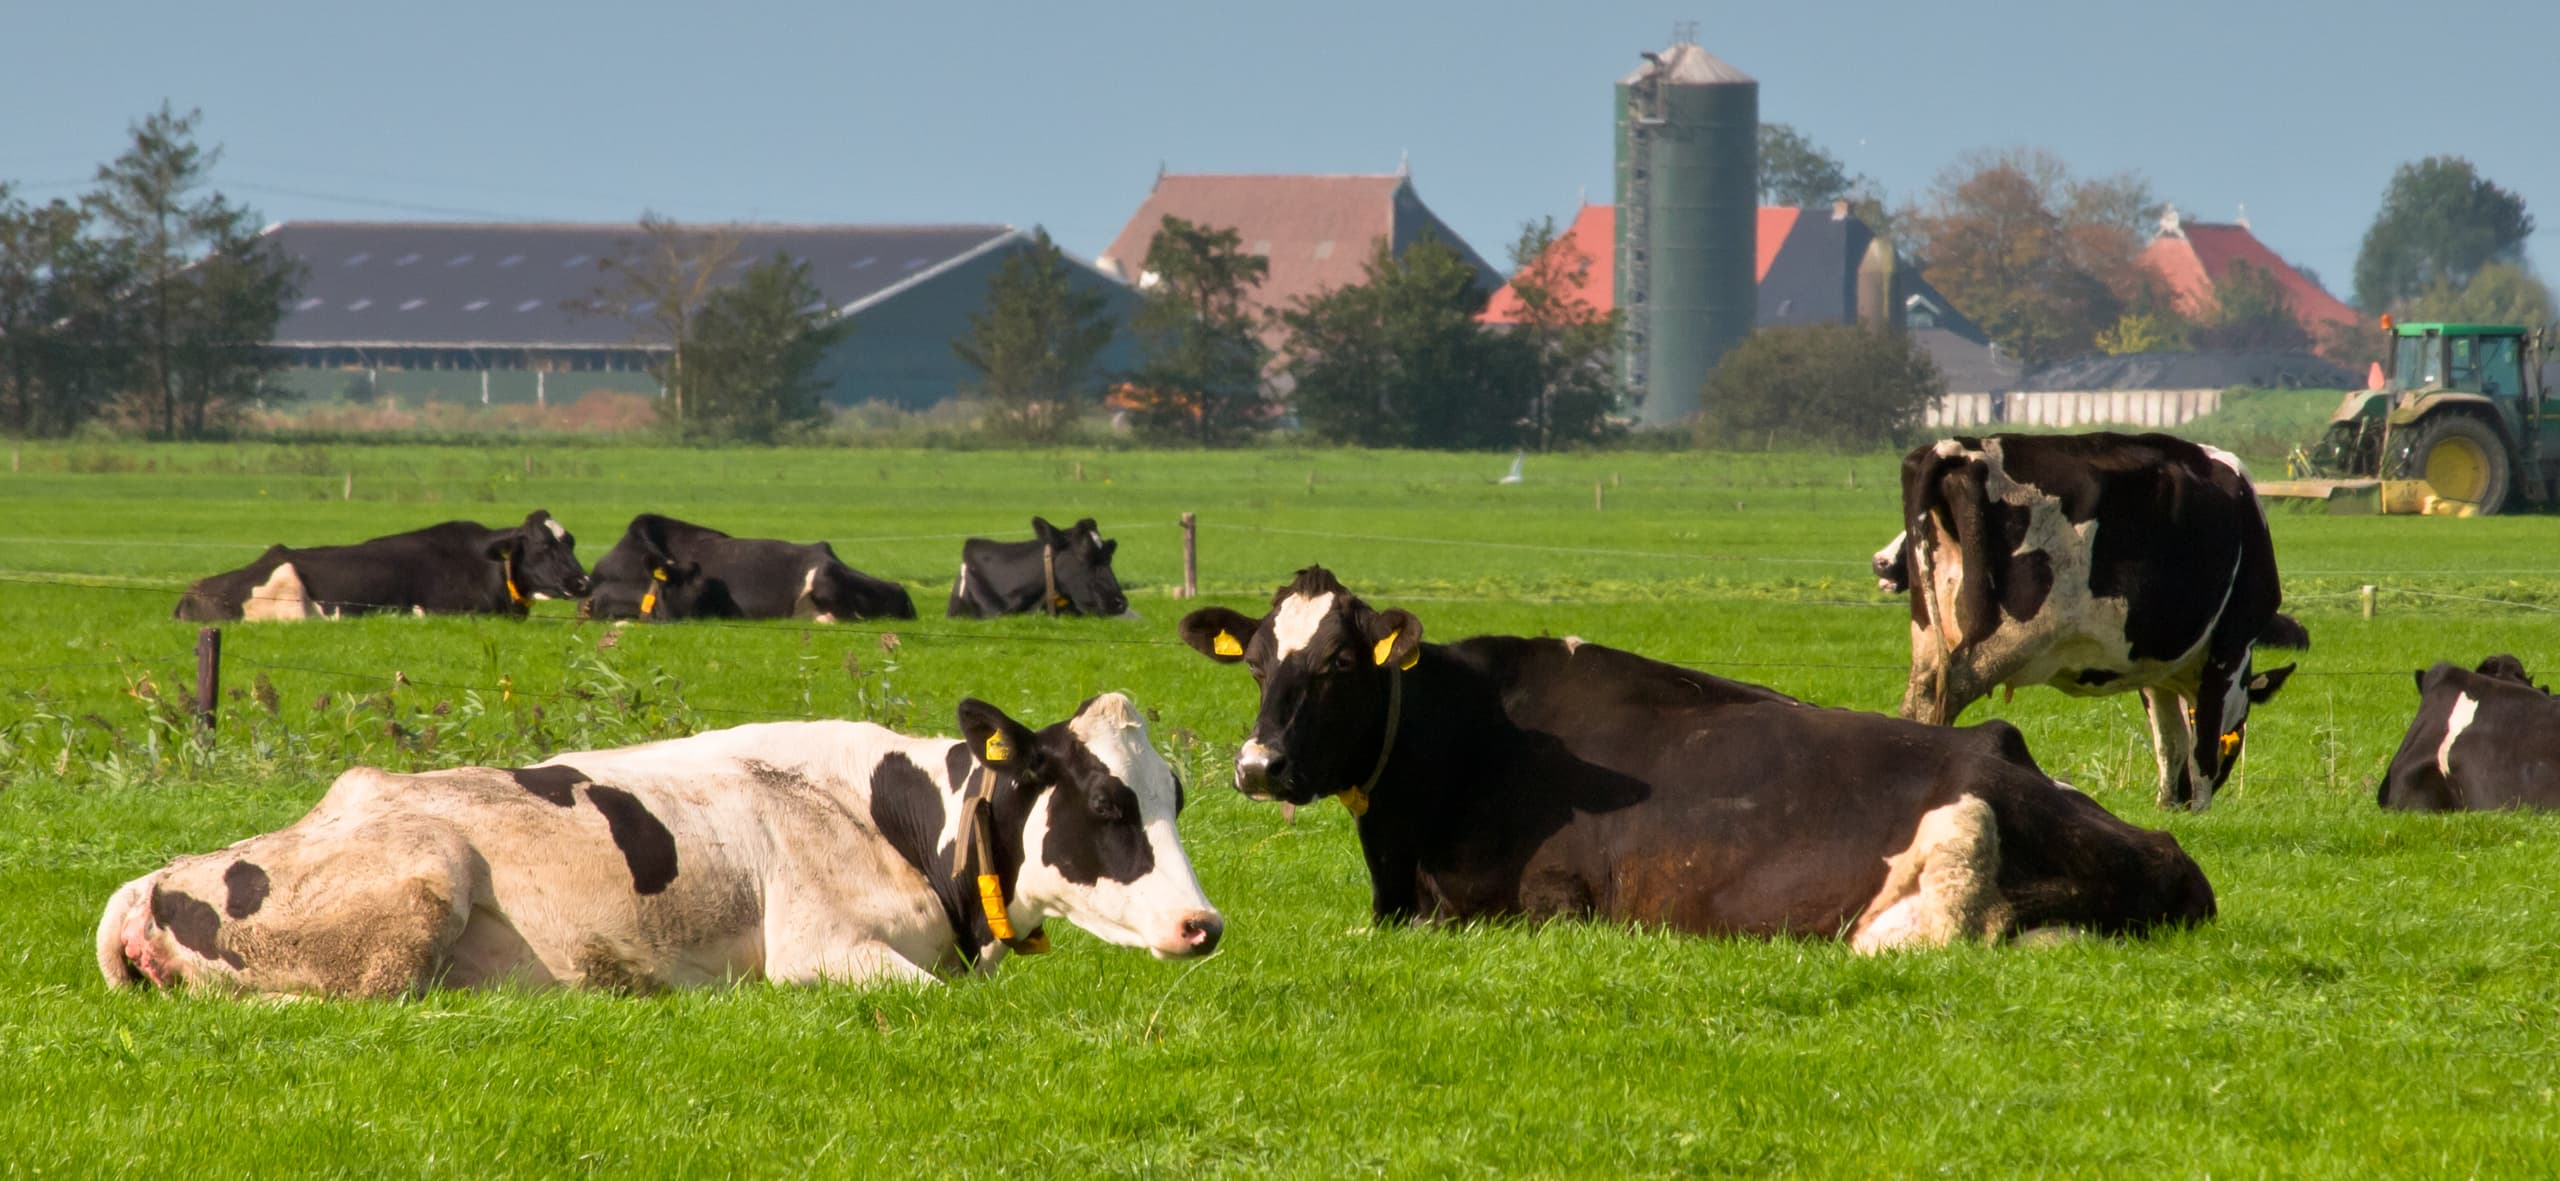 Série Manejo Seguro: planejar e balancear a nutrição faz a diferença na bovinocultura